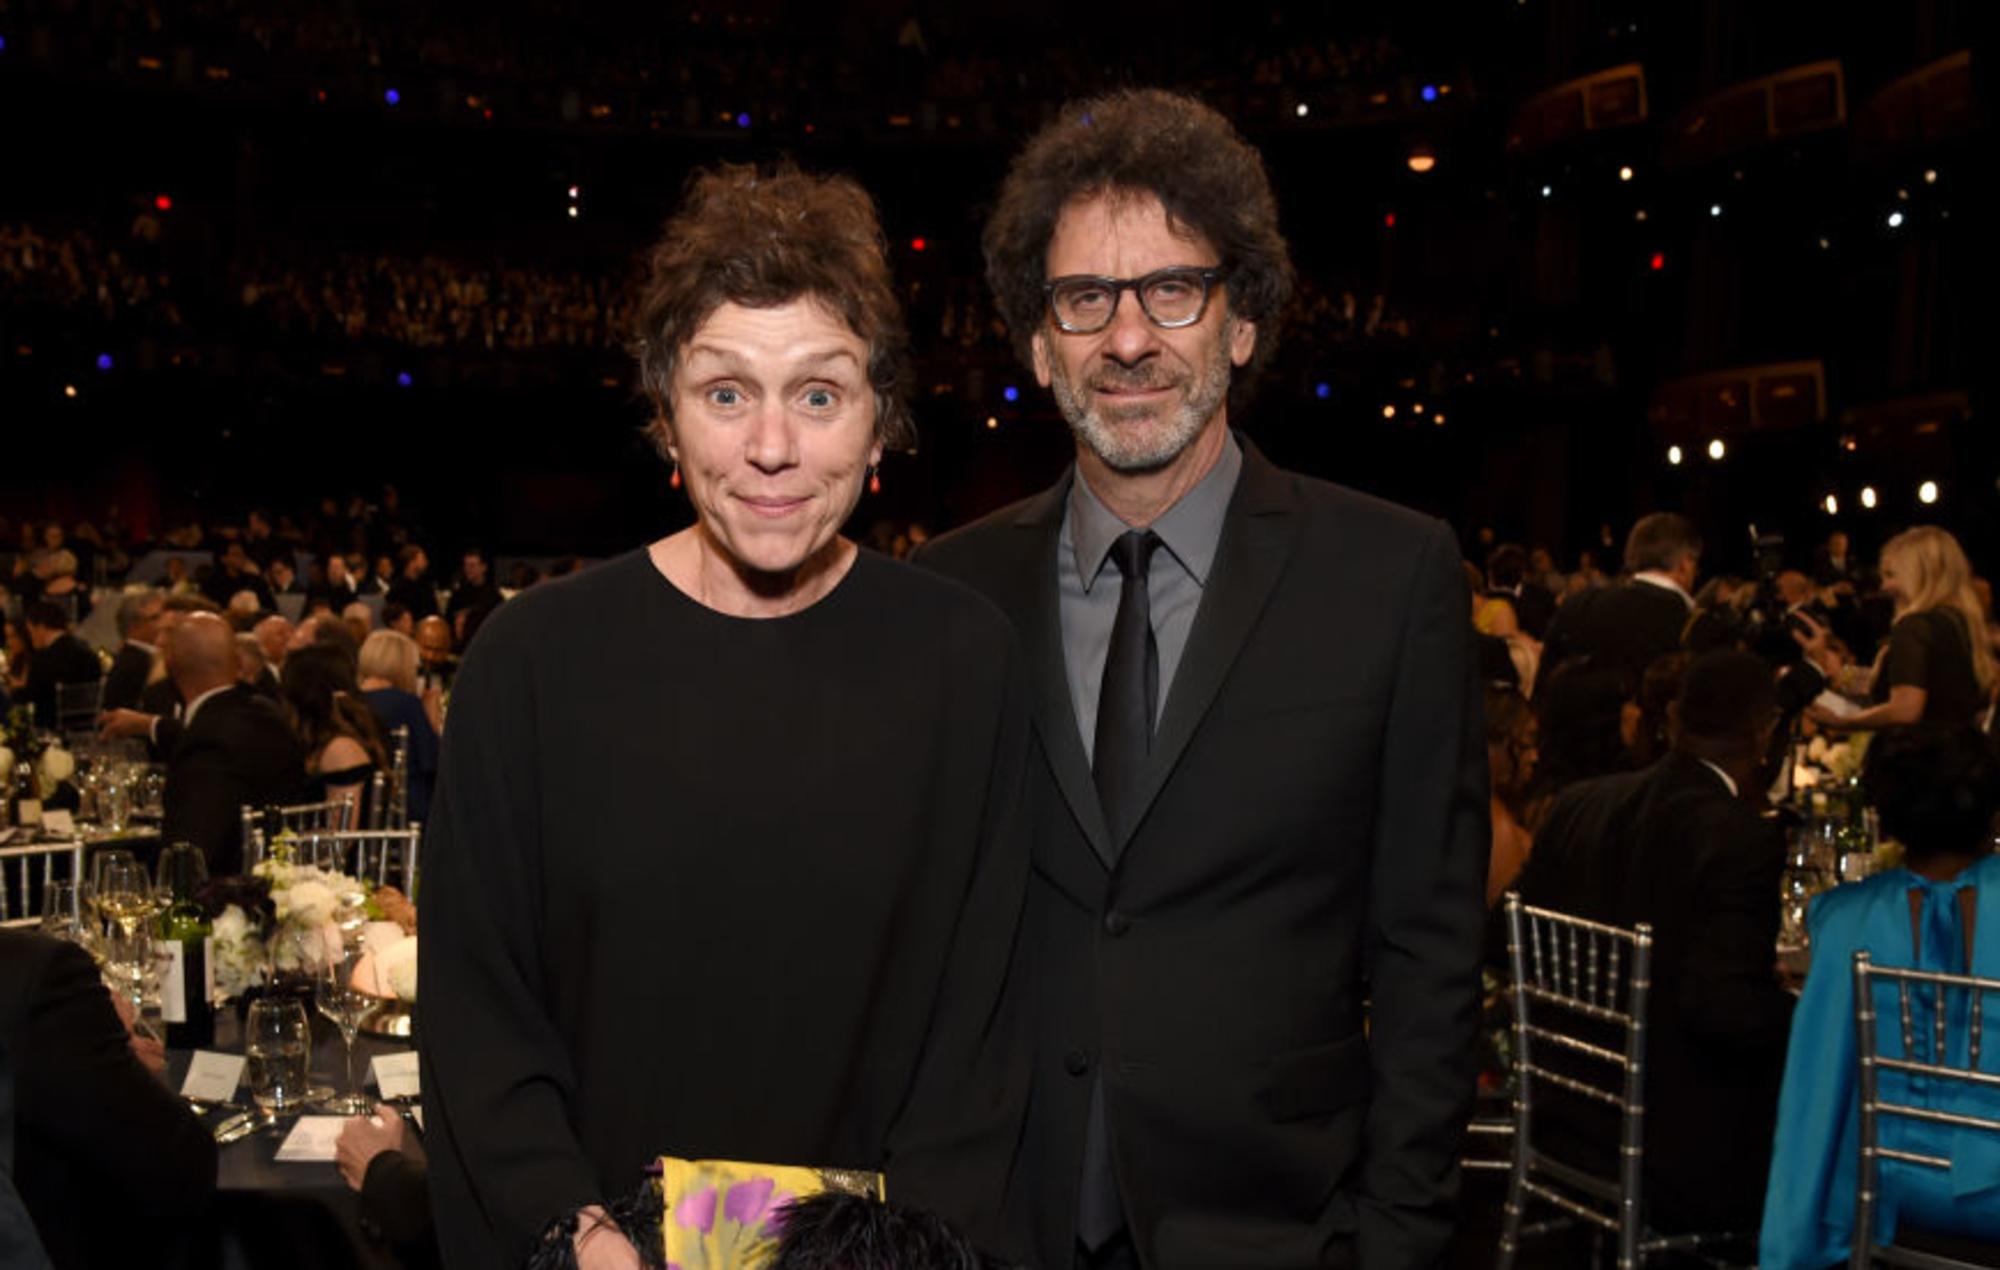 Frances McDormand and Joel Coen